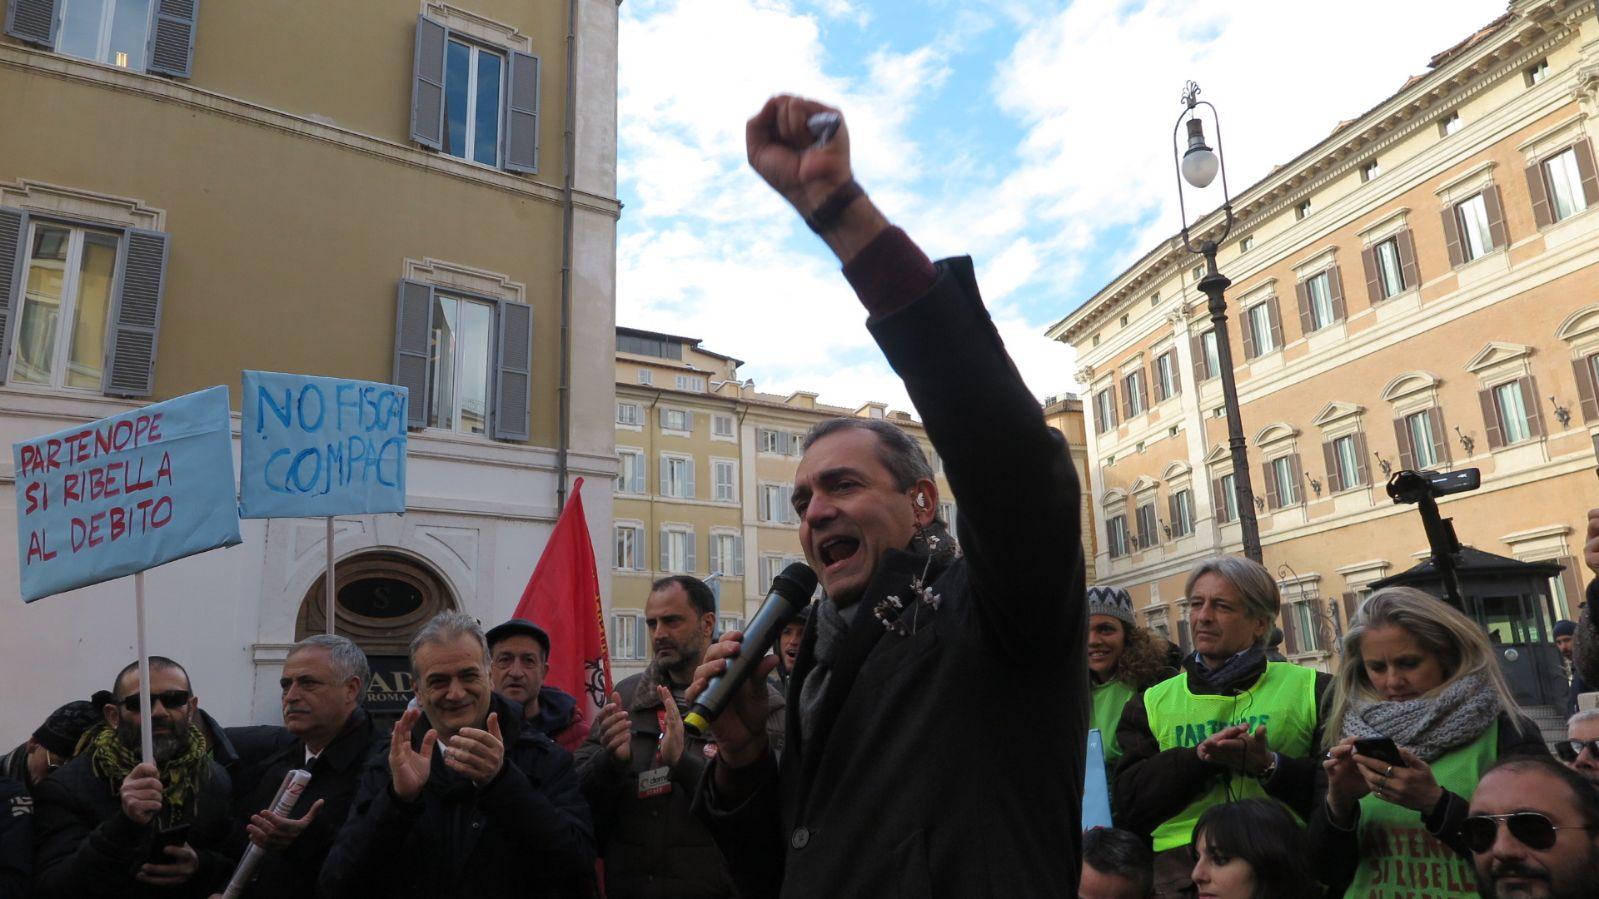 Napoli, debito ingiusto: accordo in vista governo-Comune di Napoli